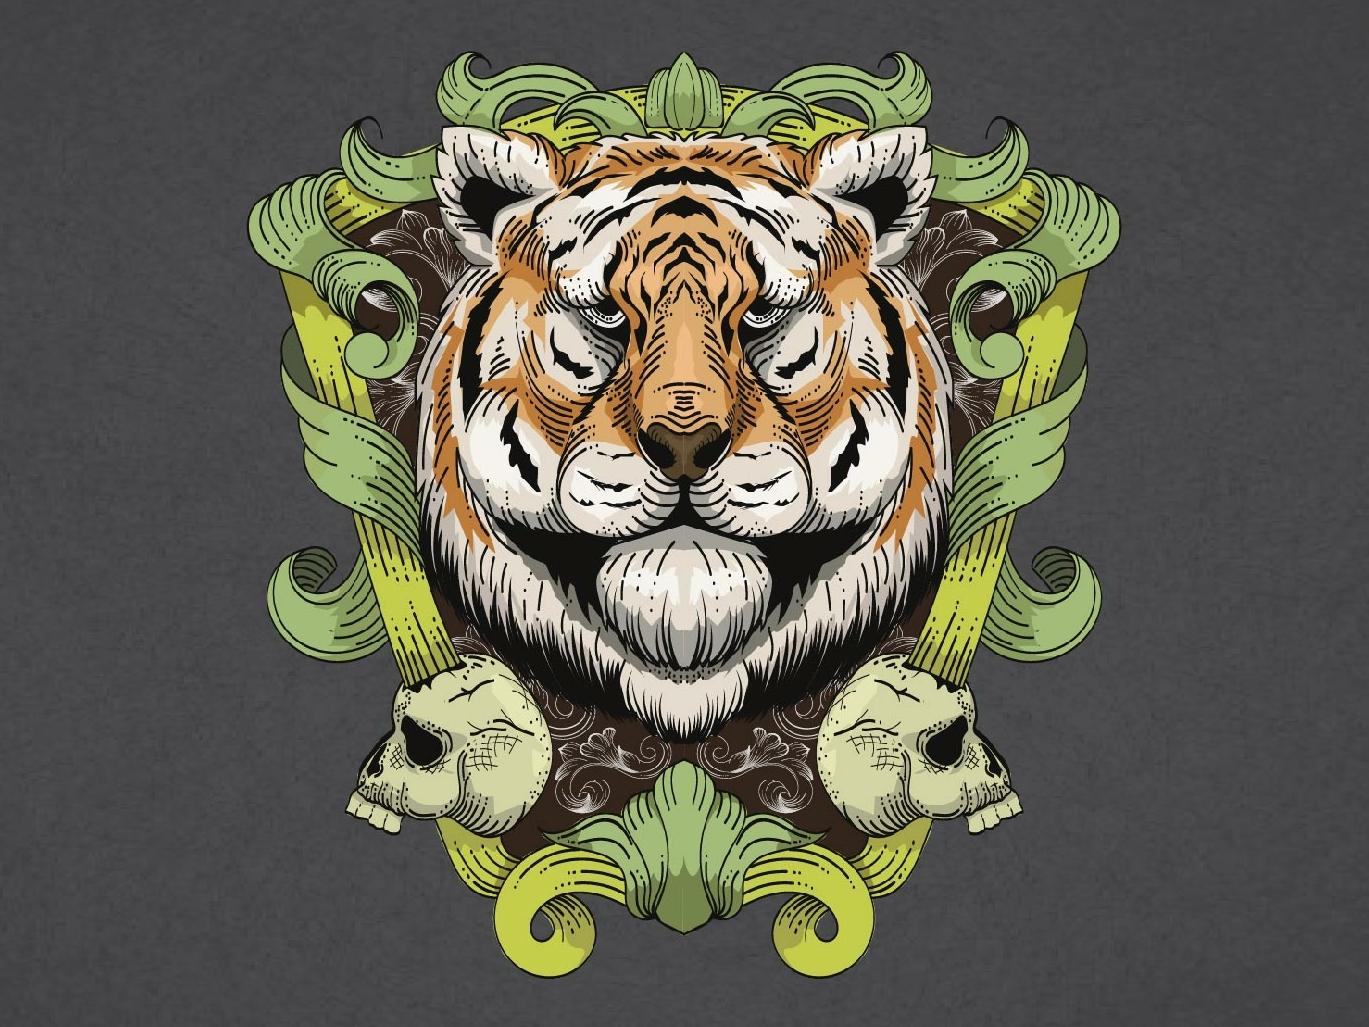 Tiger head logo skull art bones vintagelogo vintage badge frame floral art tiger vector art illustrattion art branding animal